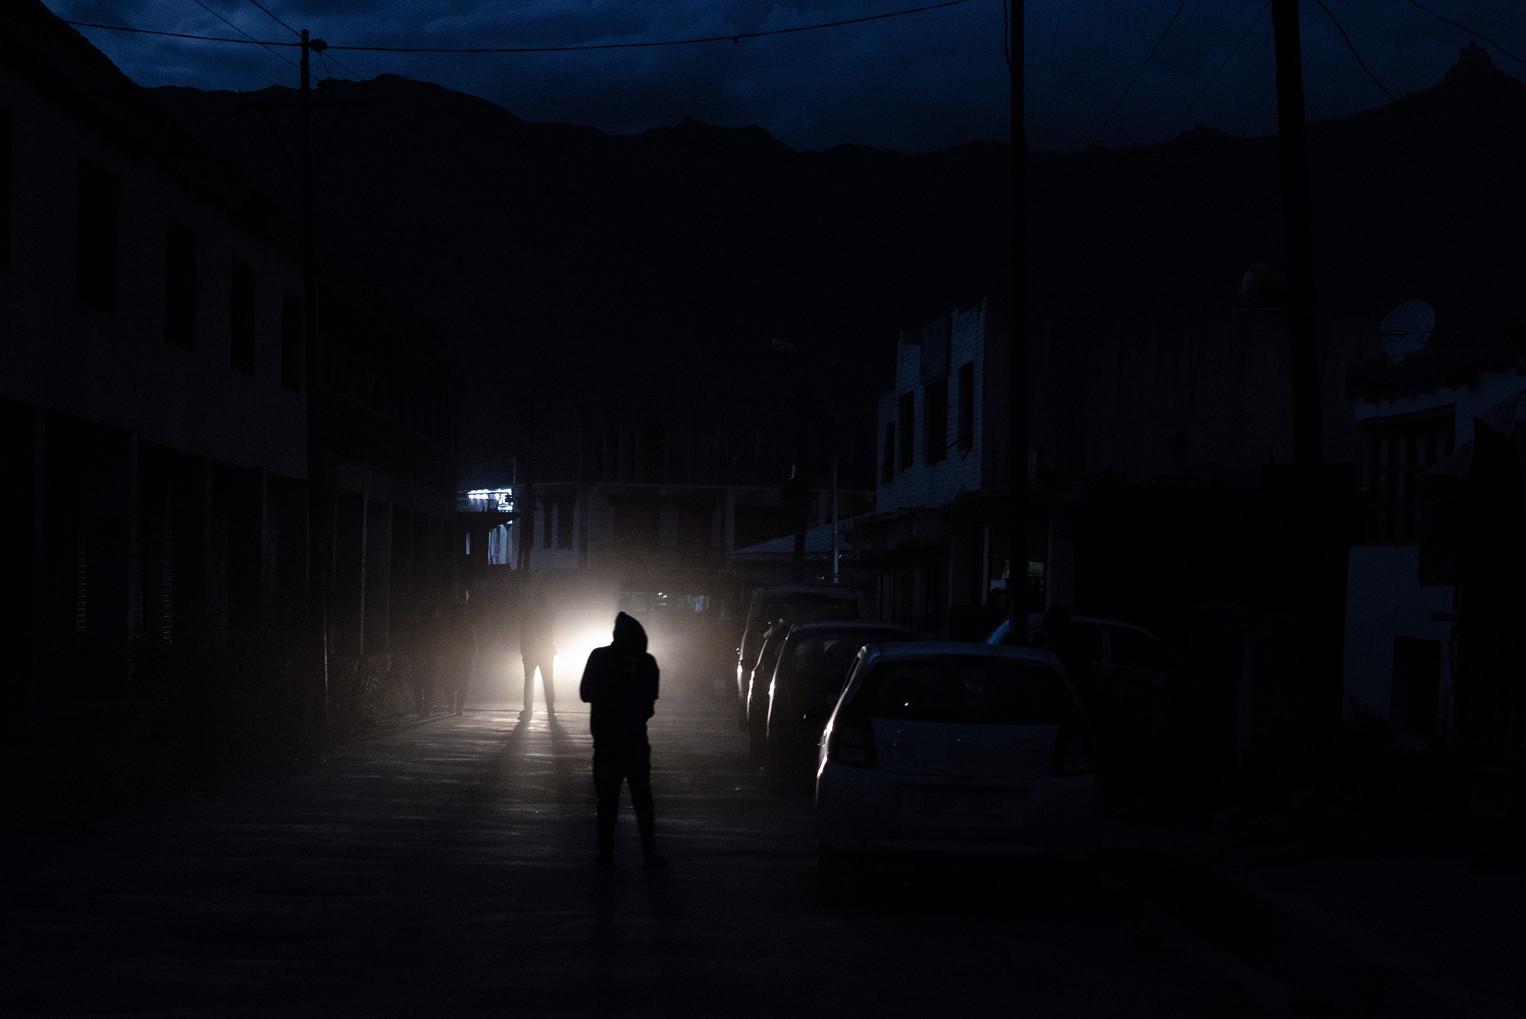 Main street of Padum at night - Padum, Zanskar, July 2018